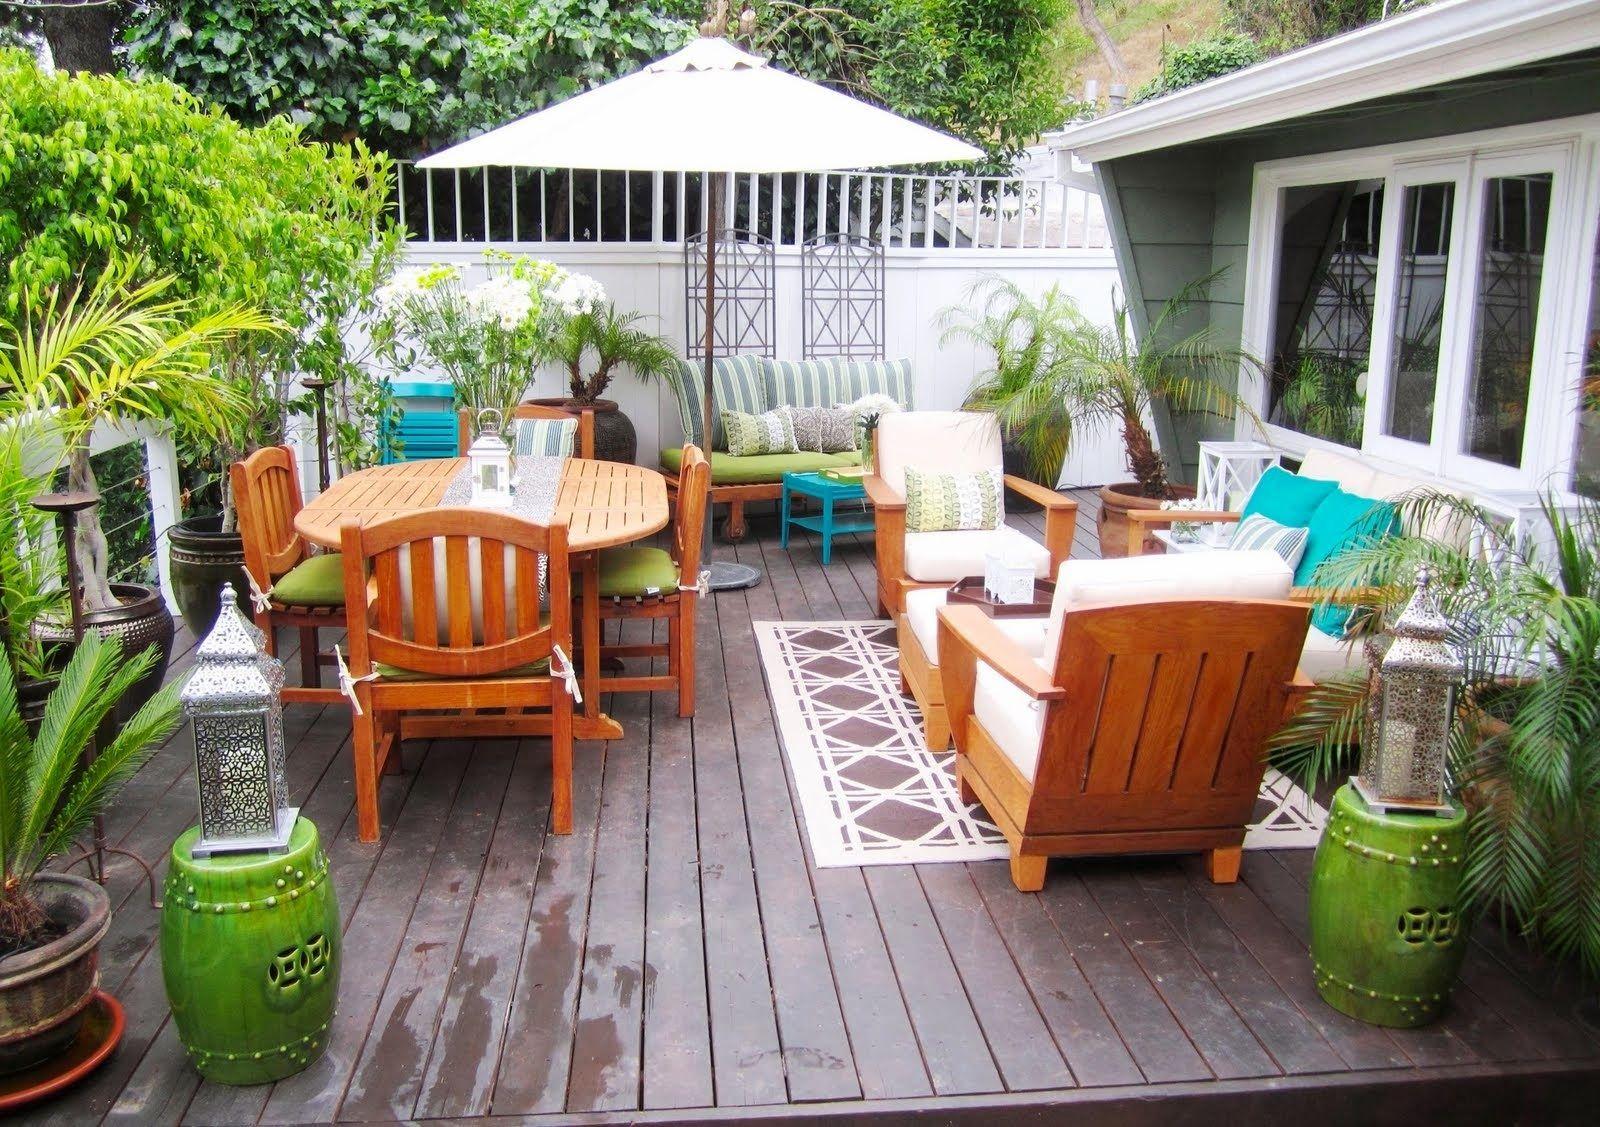 furniture for small balcony. Terrific Small Balcony Furniture For E